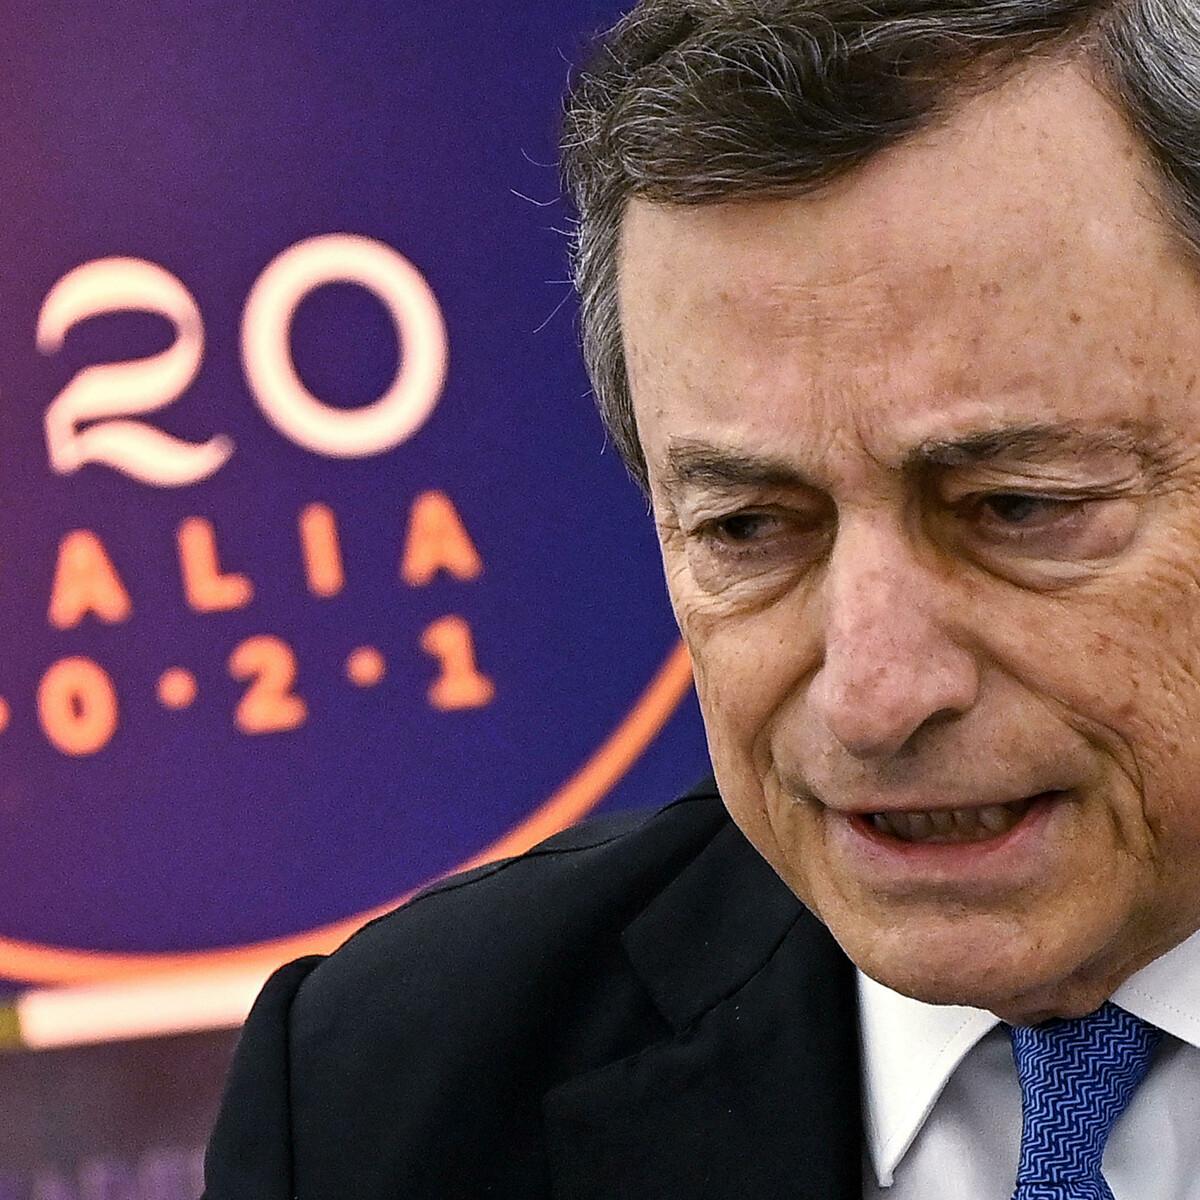 Pensioni con Quota 102 e reddito di cittadinanza con décalage: come sarà la manovra di Draghi